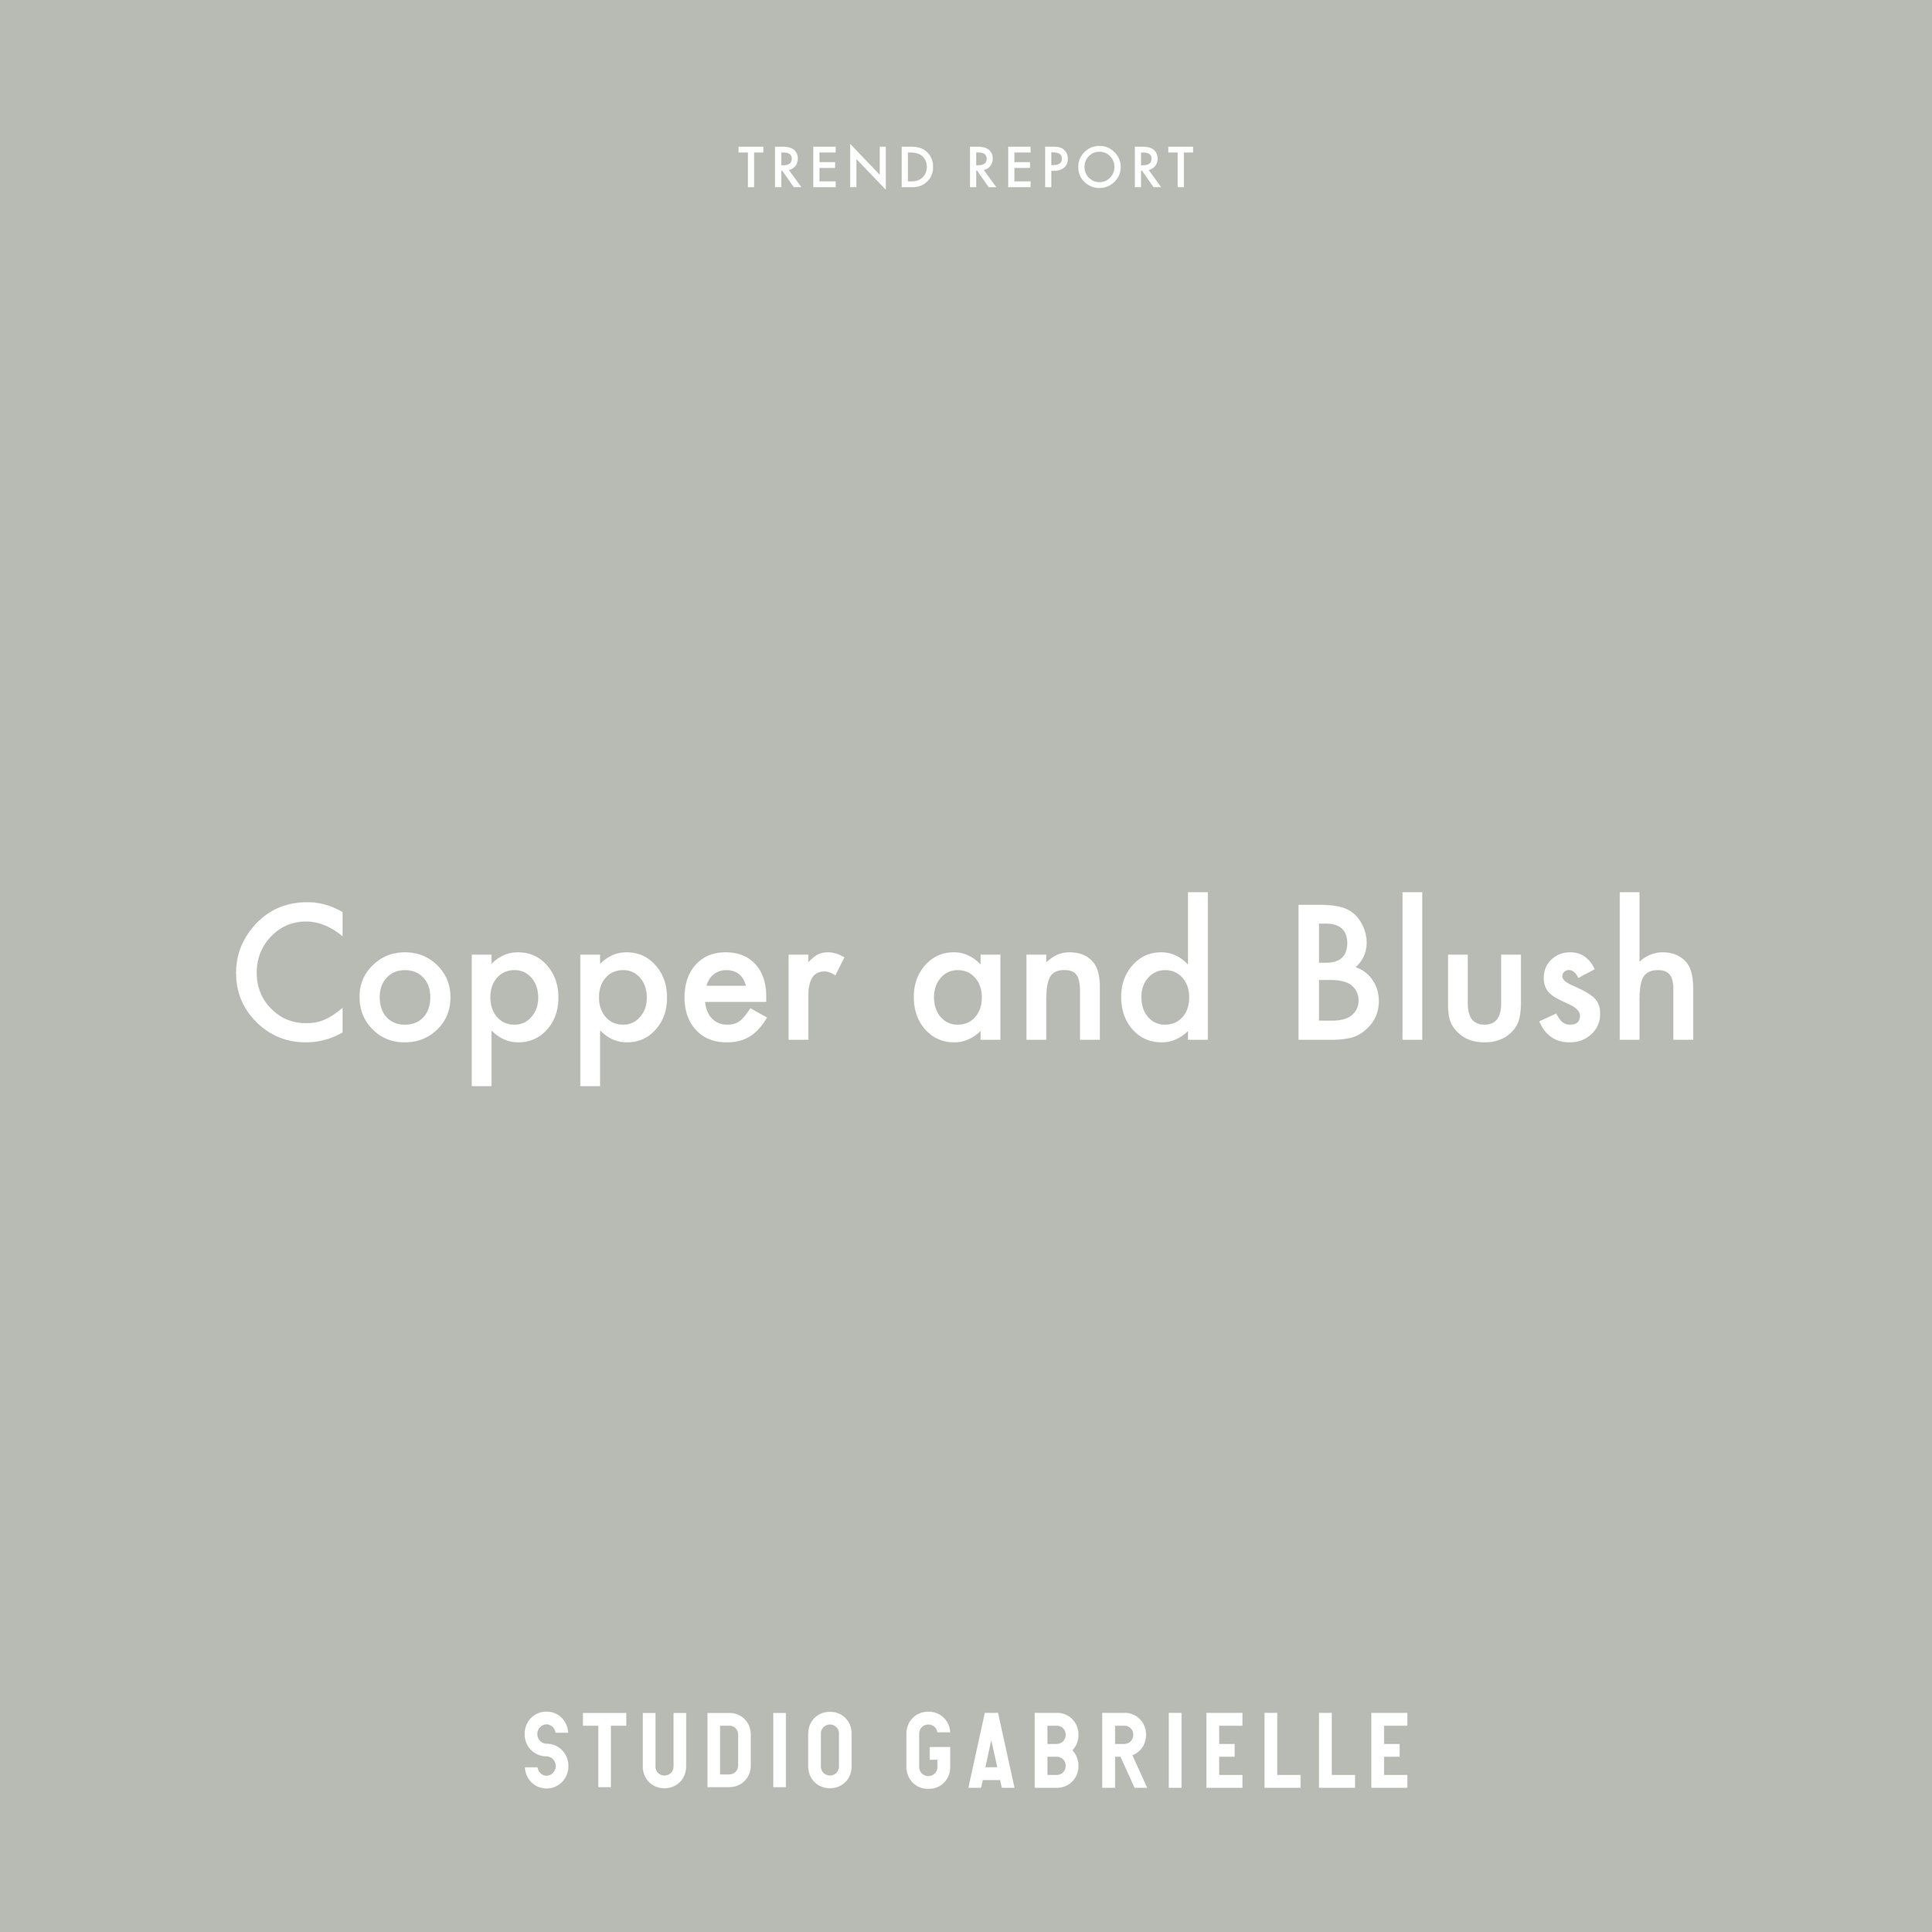 StudioGabrielle-TrendReport-Copper-Blush-studiogabrielle.co.uk